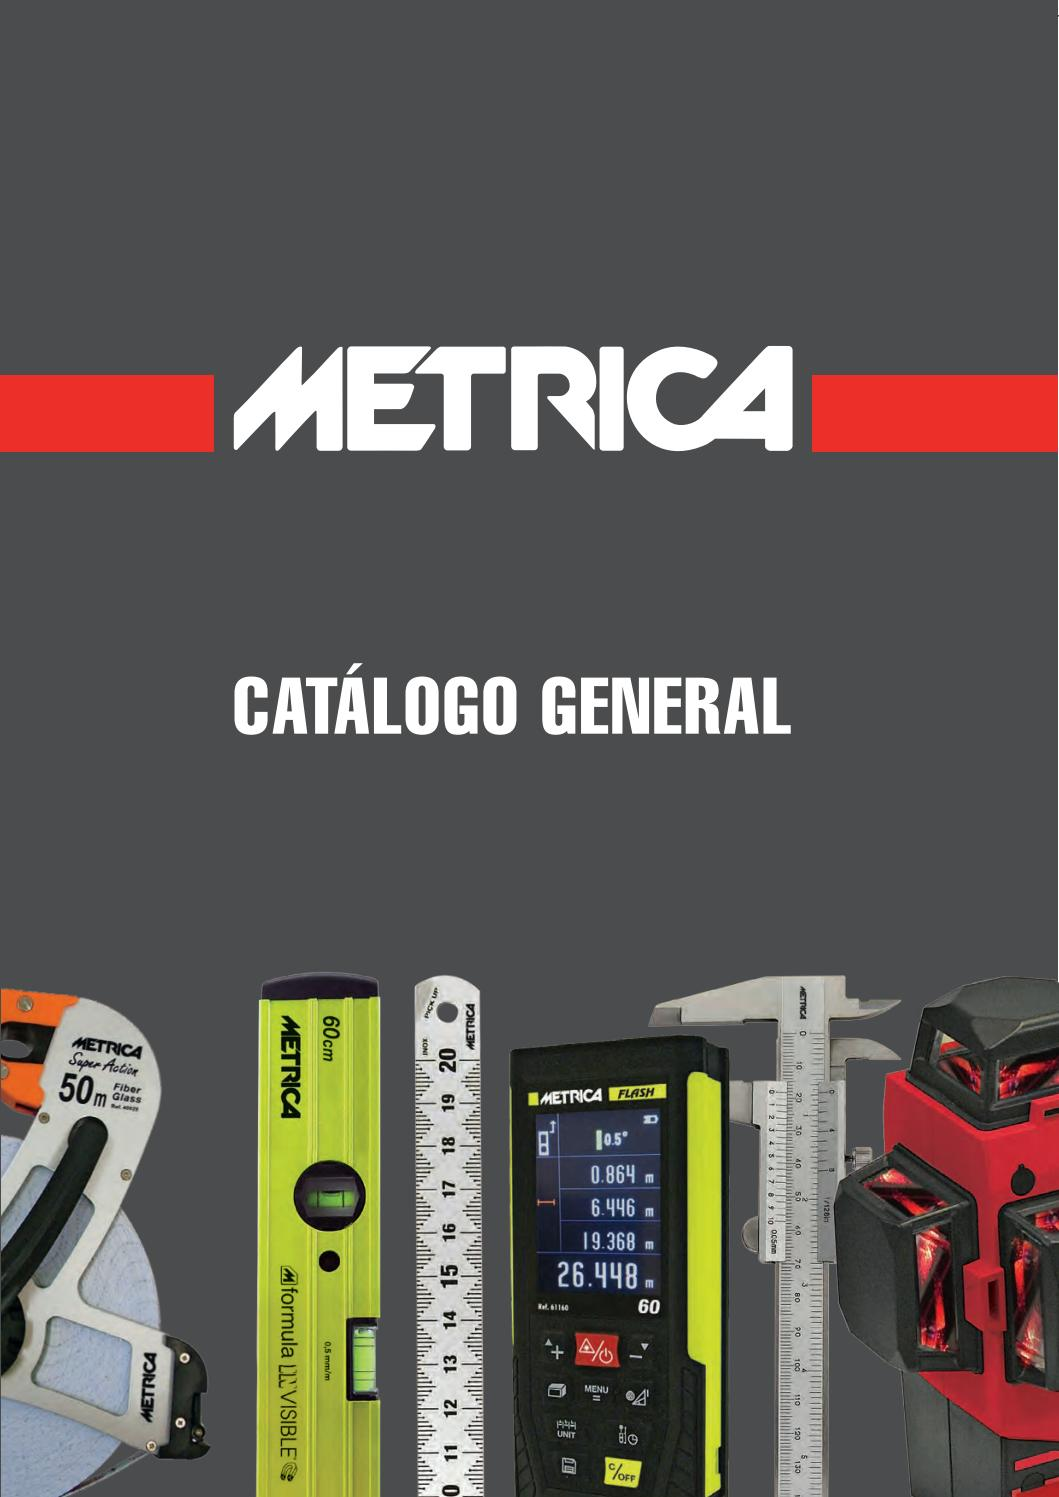 Cinta m/étrica 10 m, fibra de vidrio Metrica 40011